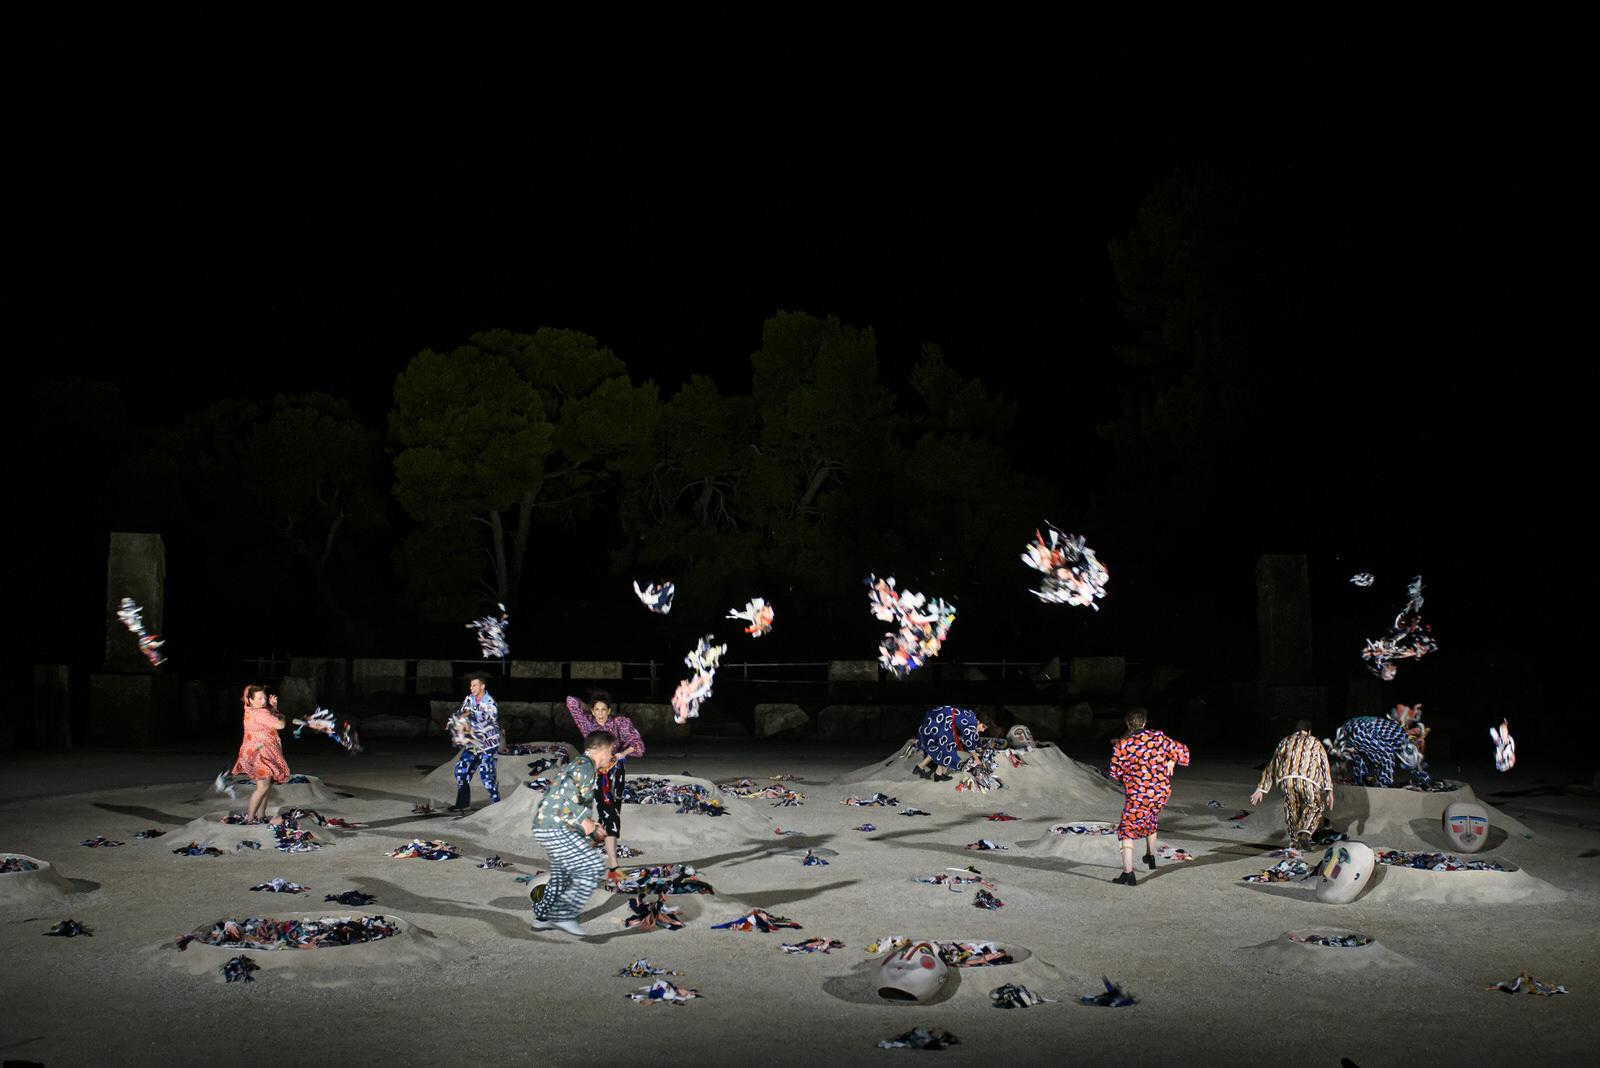 Το Εθνικό Θέατρο στο Διεθνές Φεστιβάλ Τεχνών Αρχαίας Ολυμπίας: «Λυσιστράτη» του Αριστοφάνη την Παρασκευή 21/8 στο θέατρο Φλόκα